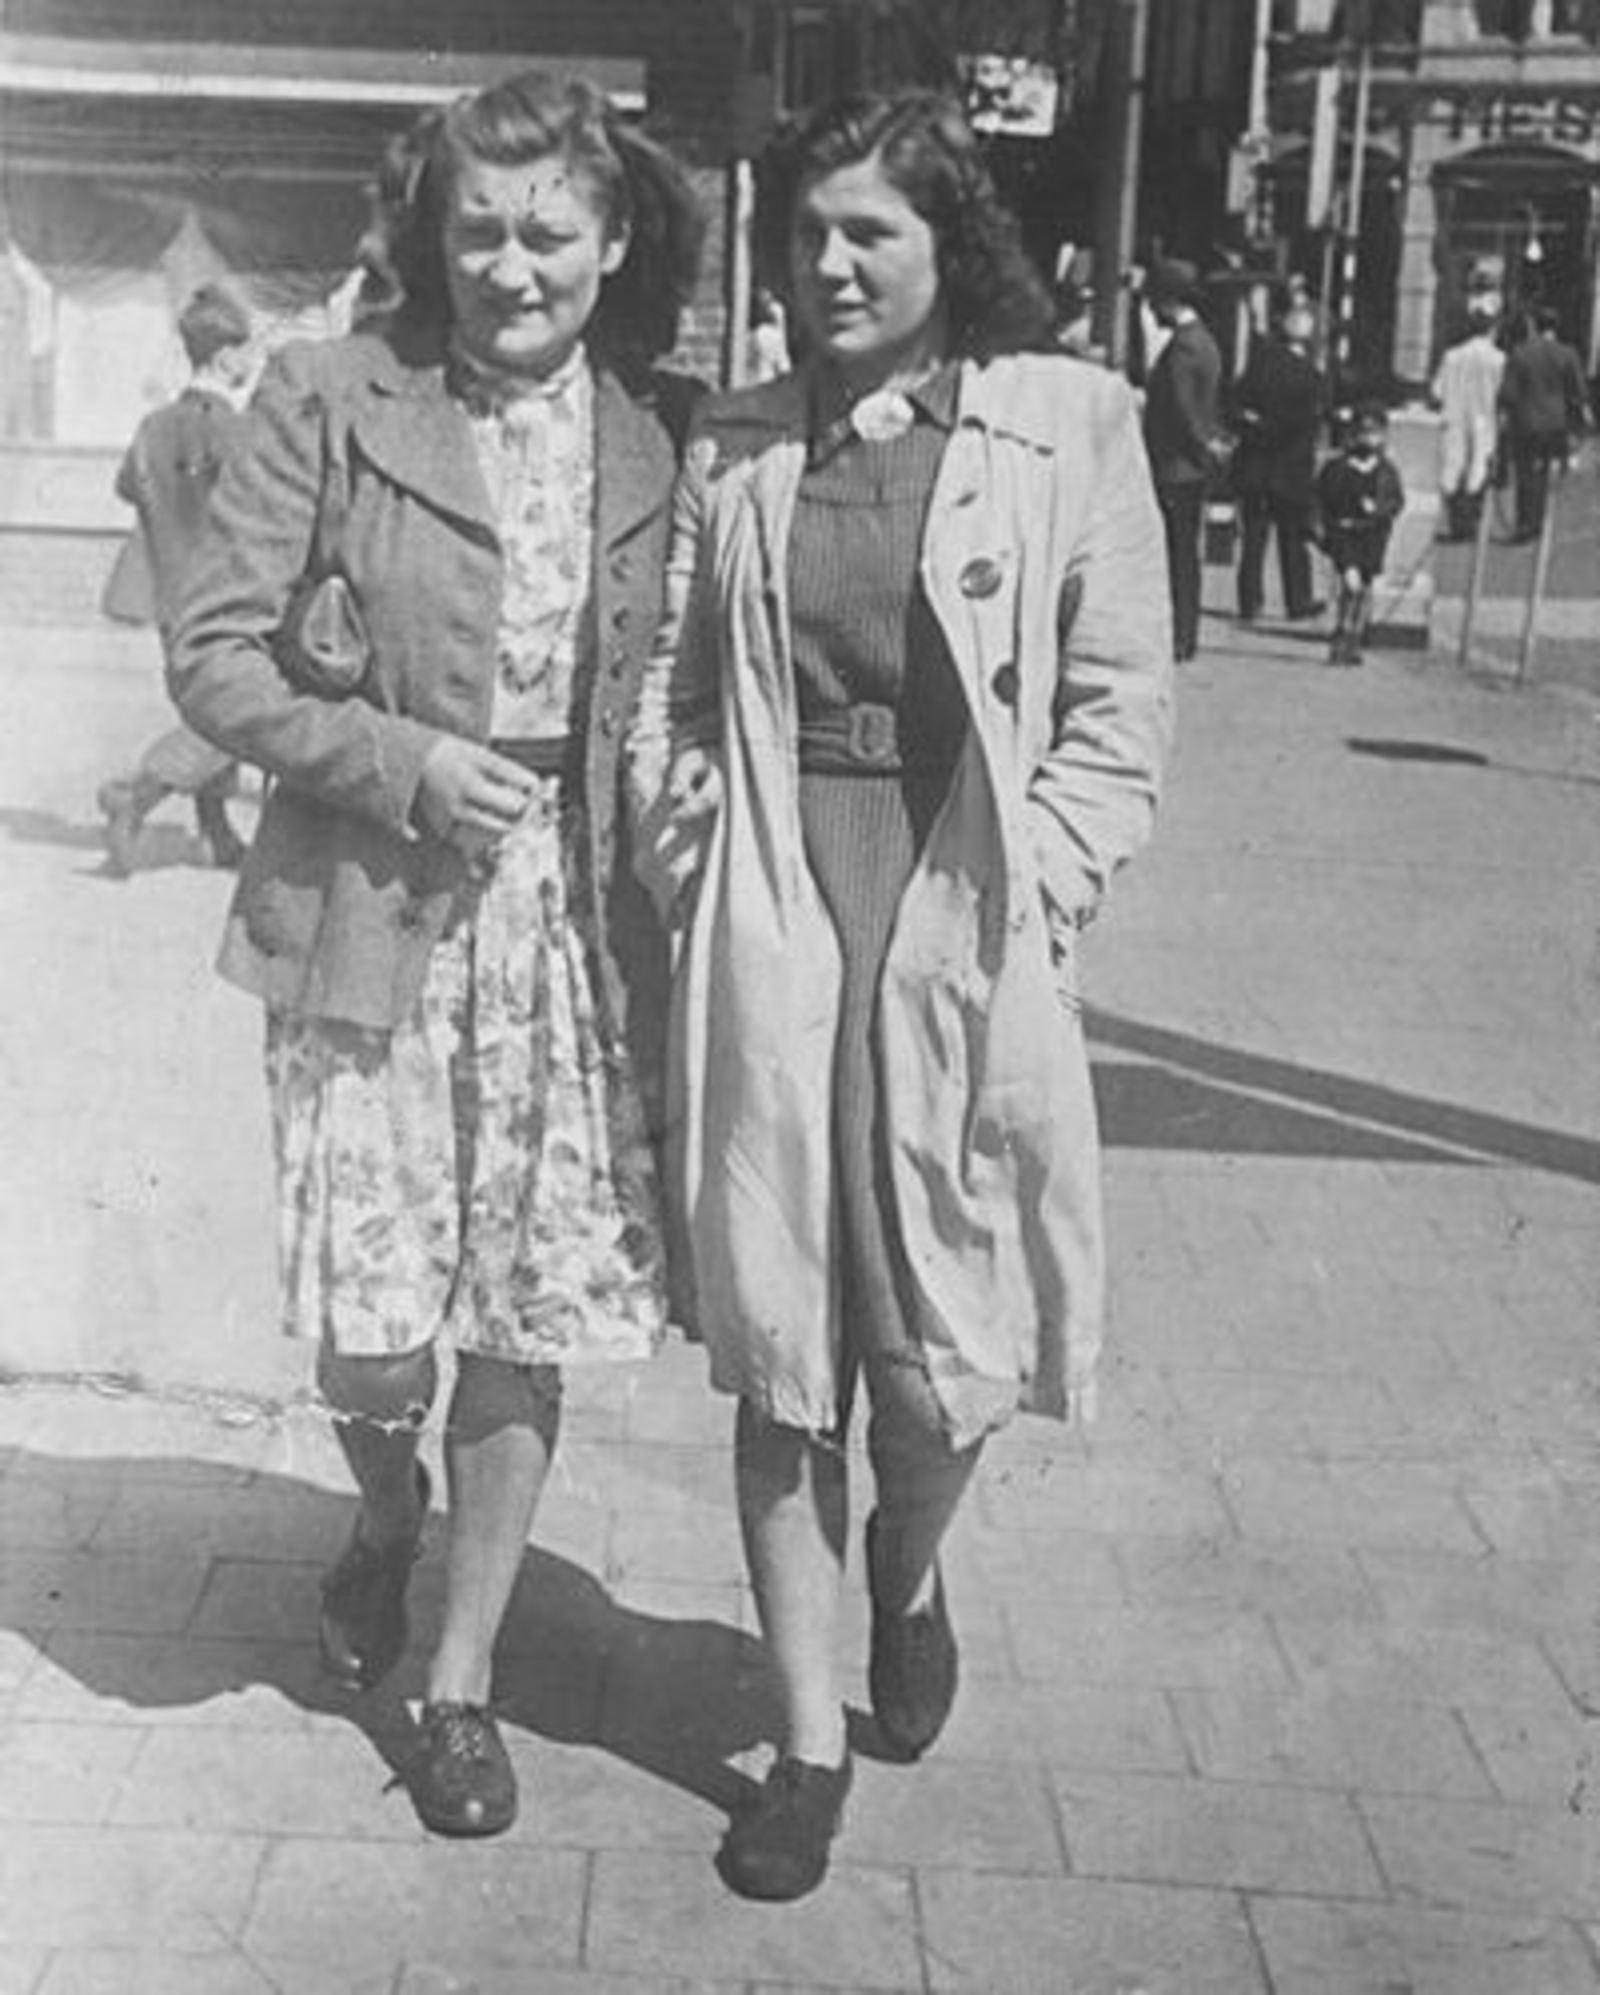 Bliek Jannie 1927 19__ aan de wandel met Greet Totté